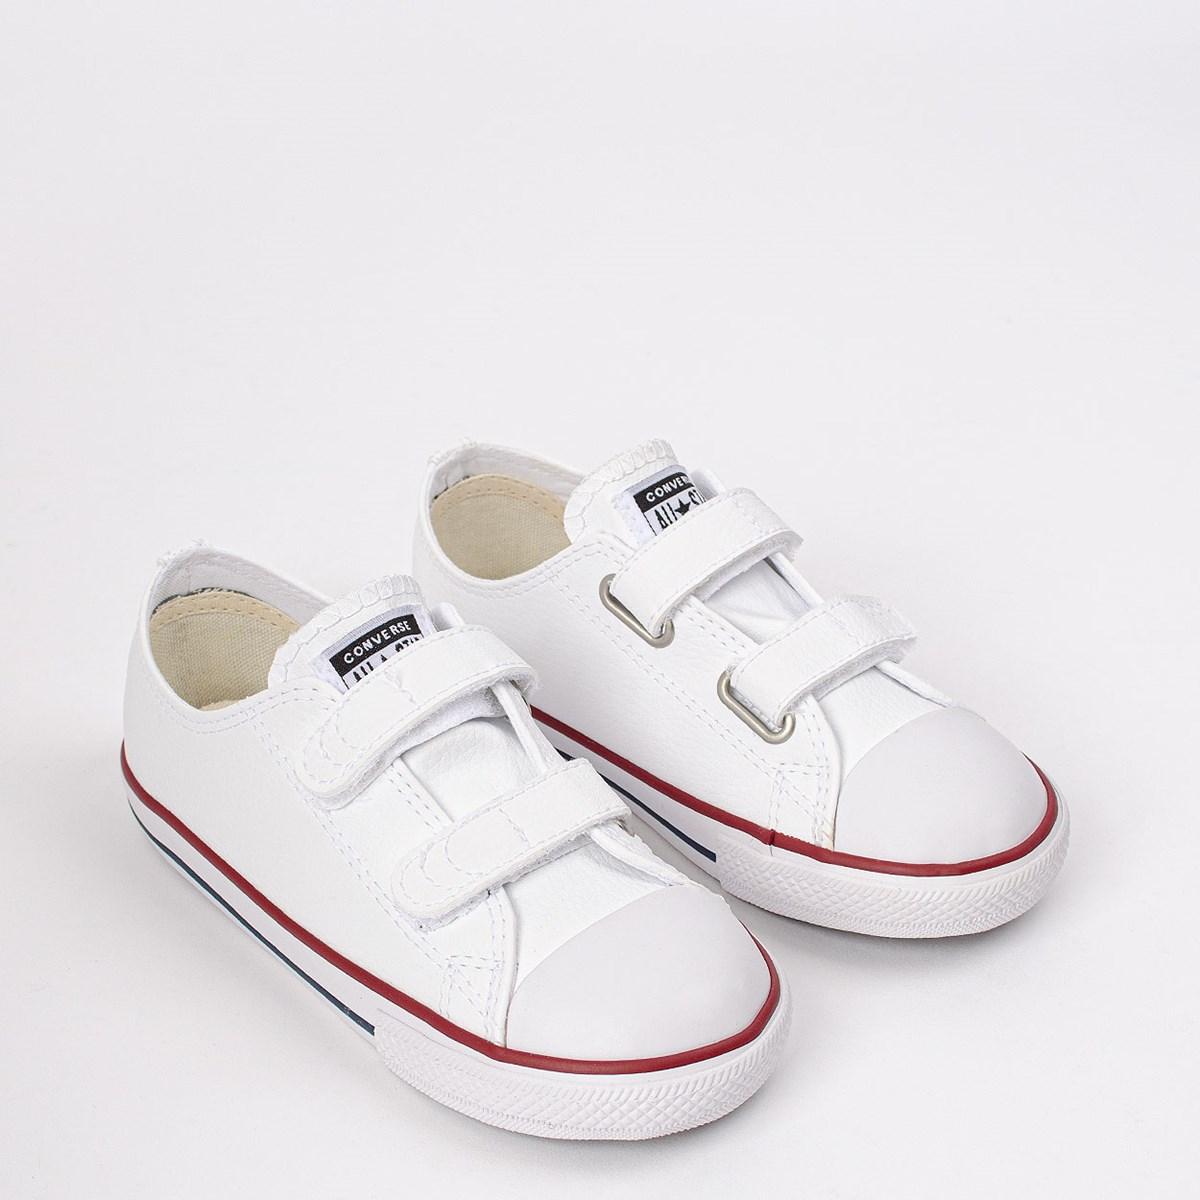 Tênis Converse Chuck Taylor All Star 2V Kids Branco Vermelho CK04180001